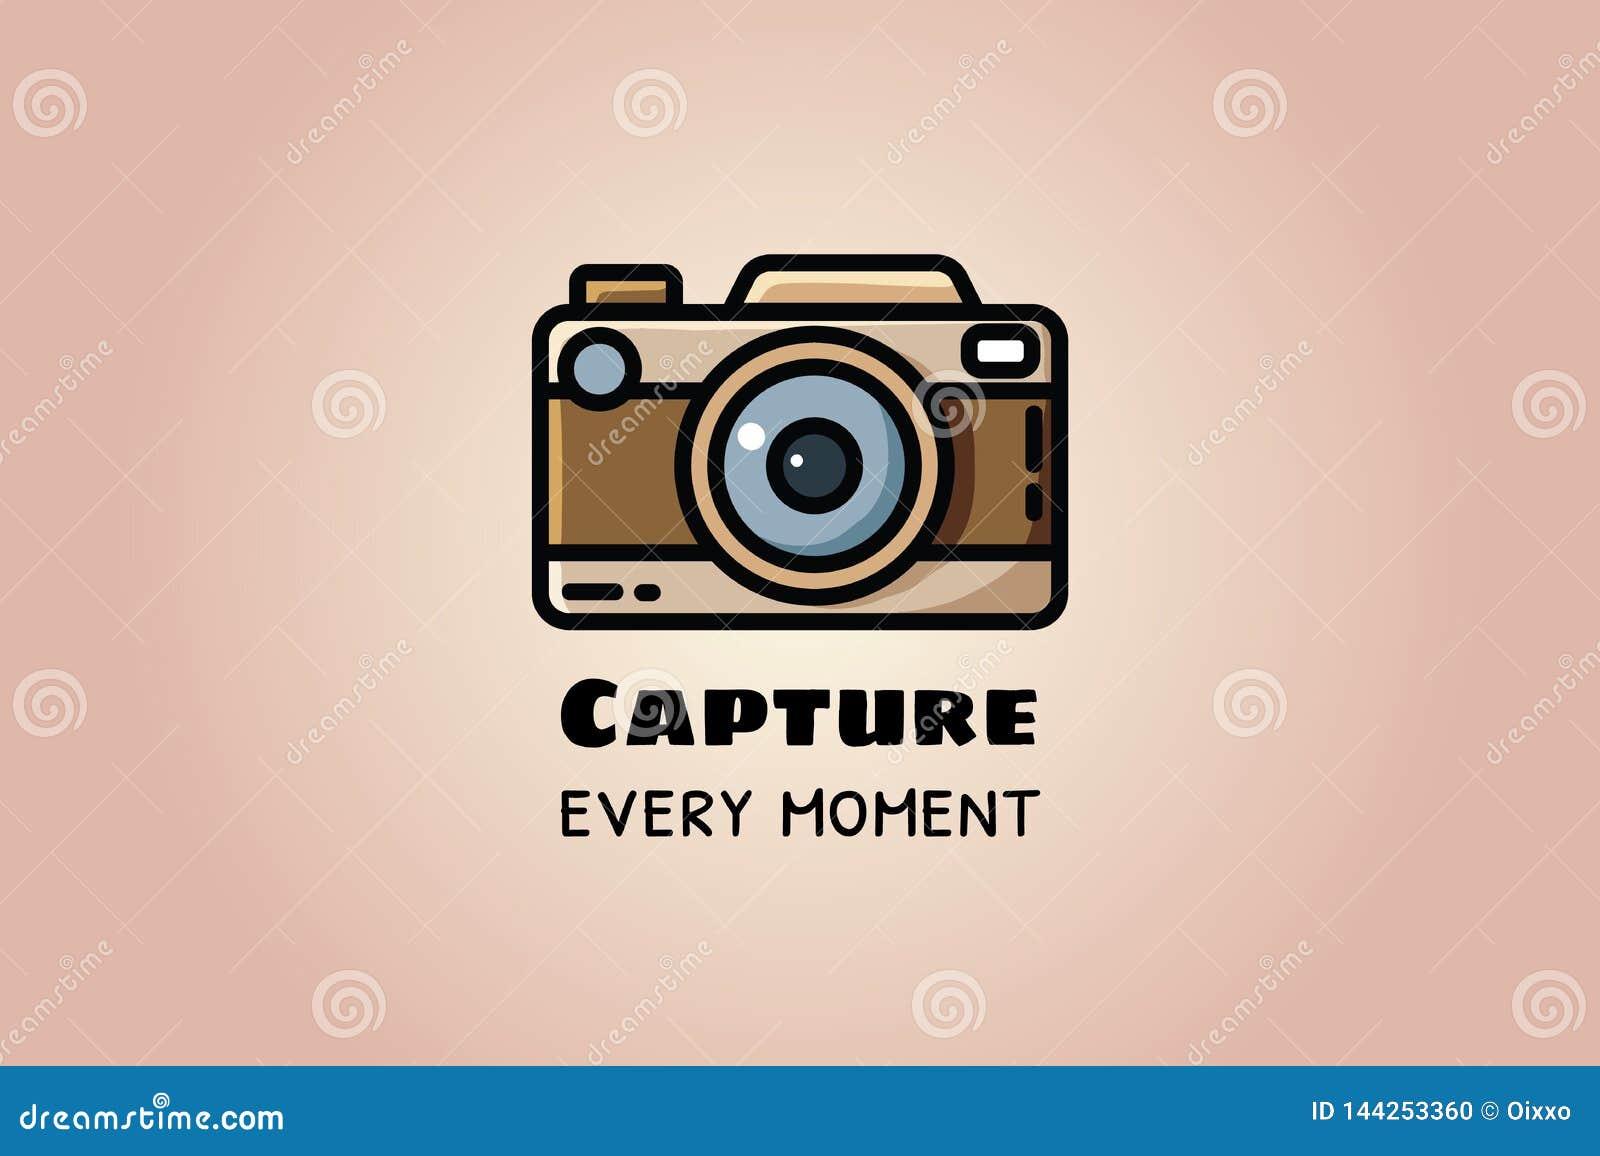 Nehmen Sie jeden Moment gefangen Weinlesekamera oder Retro- Kamera, flache Illustration des Vektors